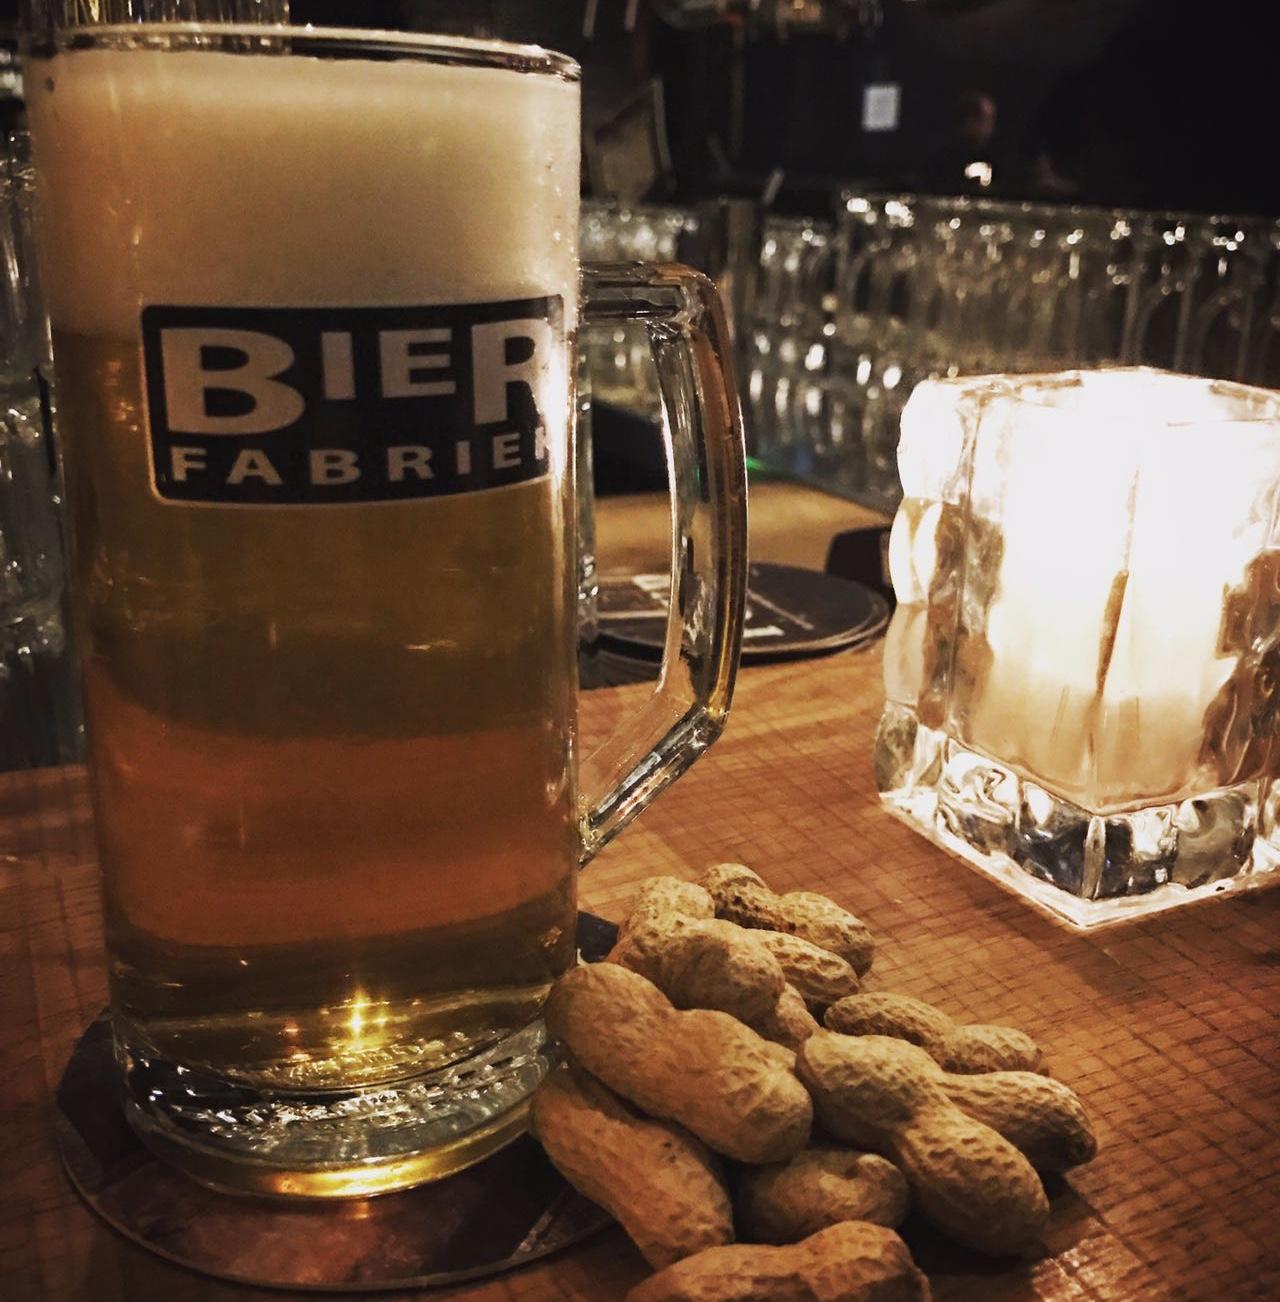 Beer Fabriek